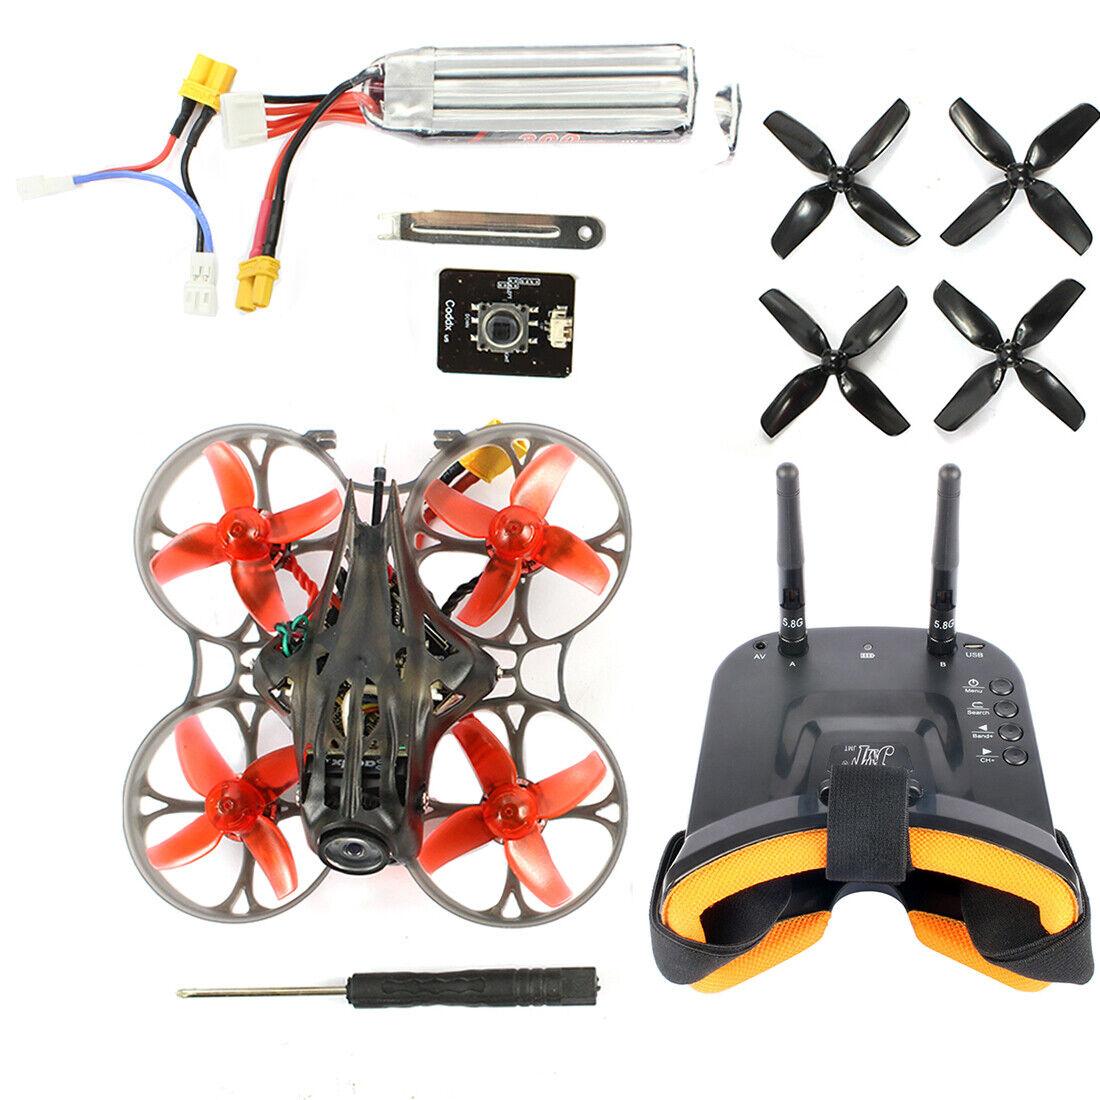 Happymodel Mobula7 HD 2-3S Crazybee F4 Pro Whoop FPV Racing Drone